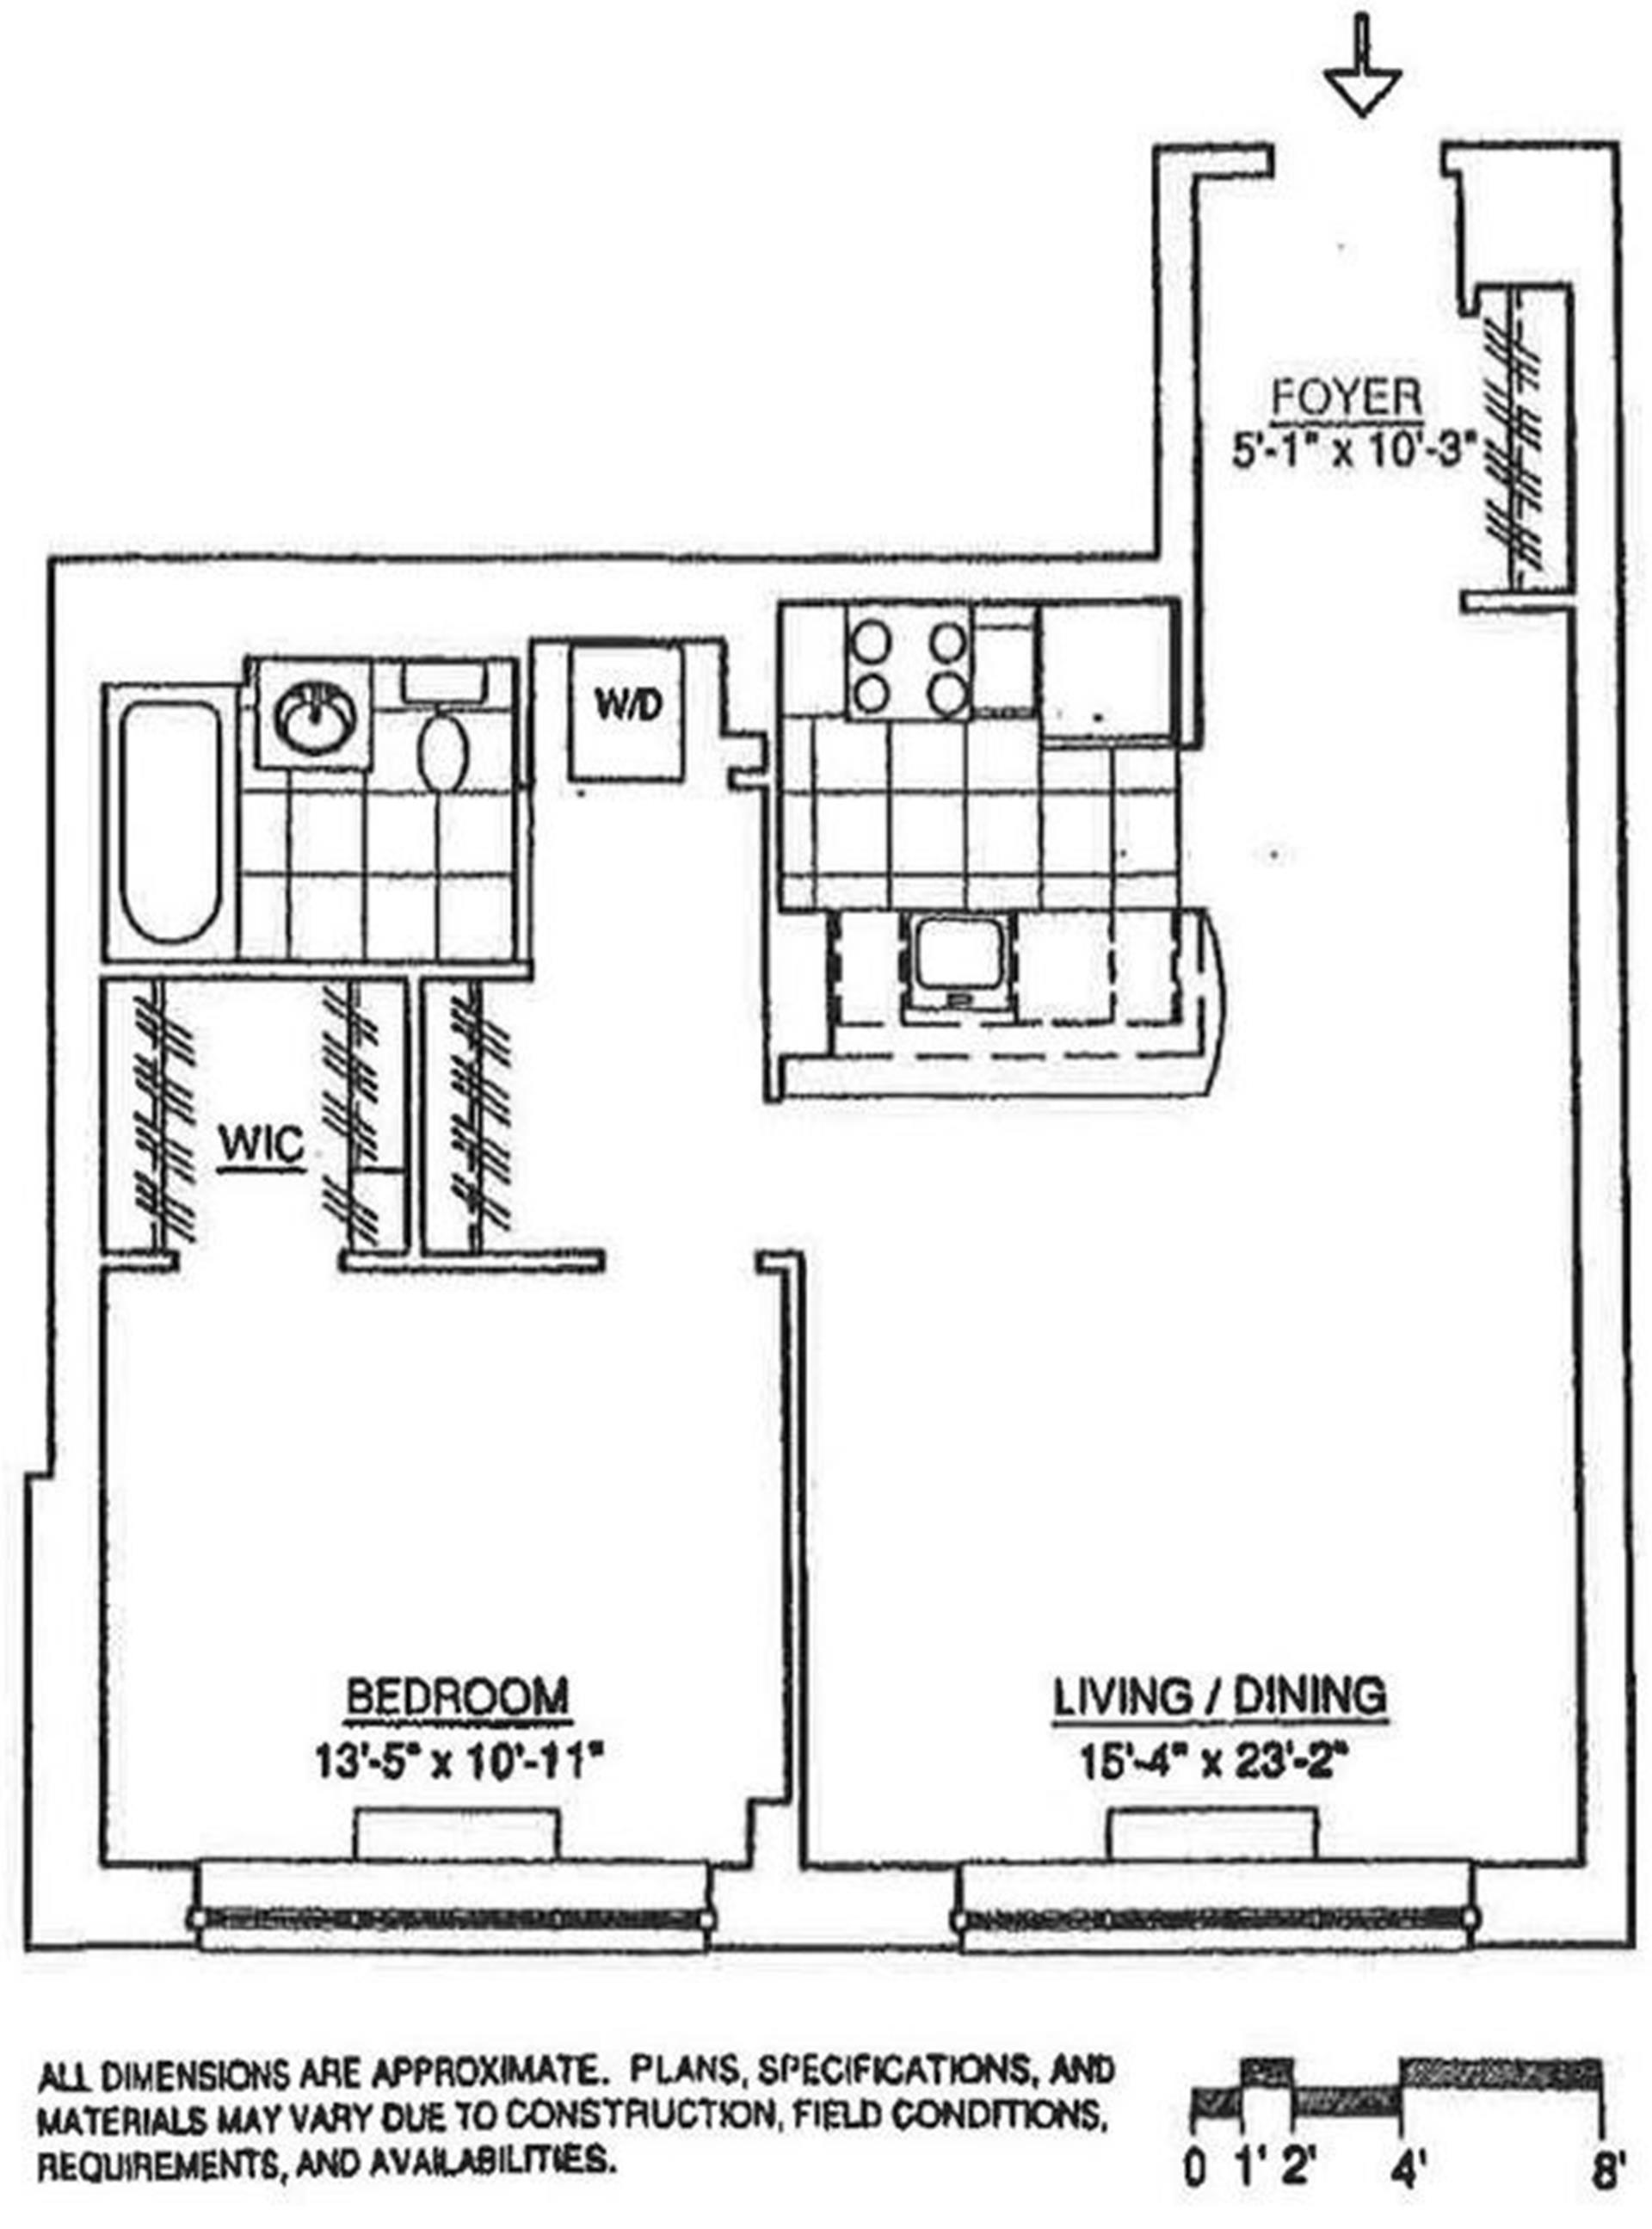 Floor plan of 555 West 23rd Street, N10A - Chelsea, New York